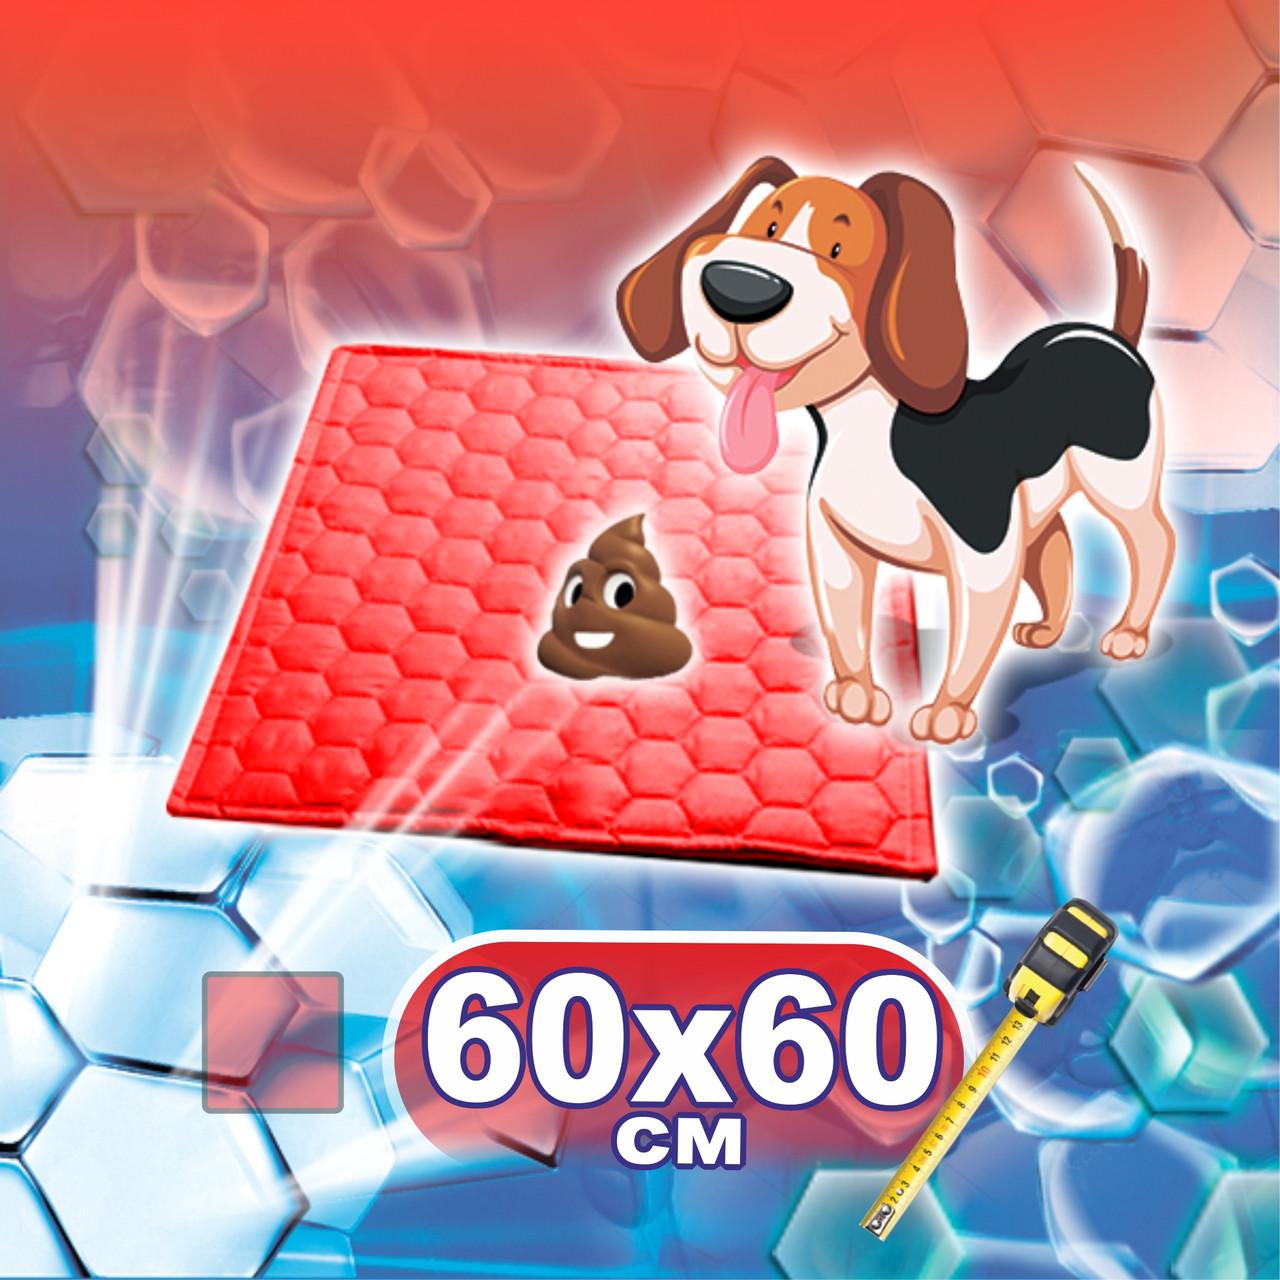 Многоразовая пеленка для собак 60х60 см непромокаемая красная